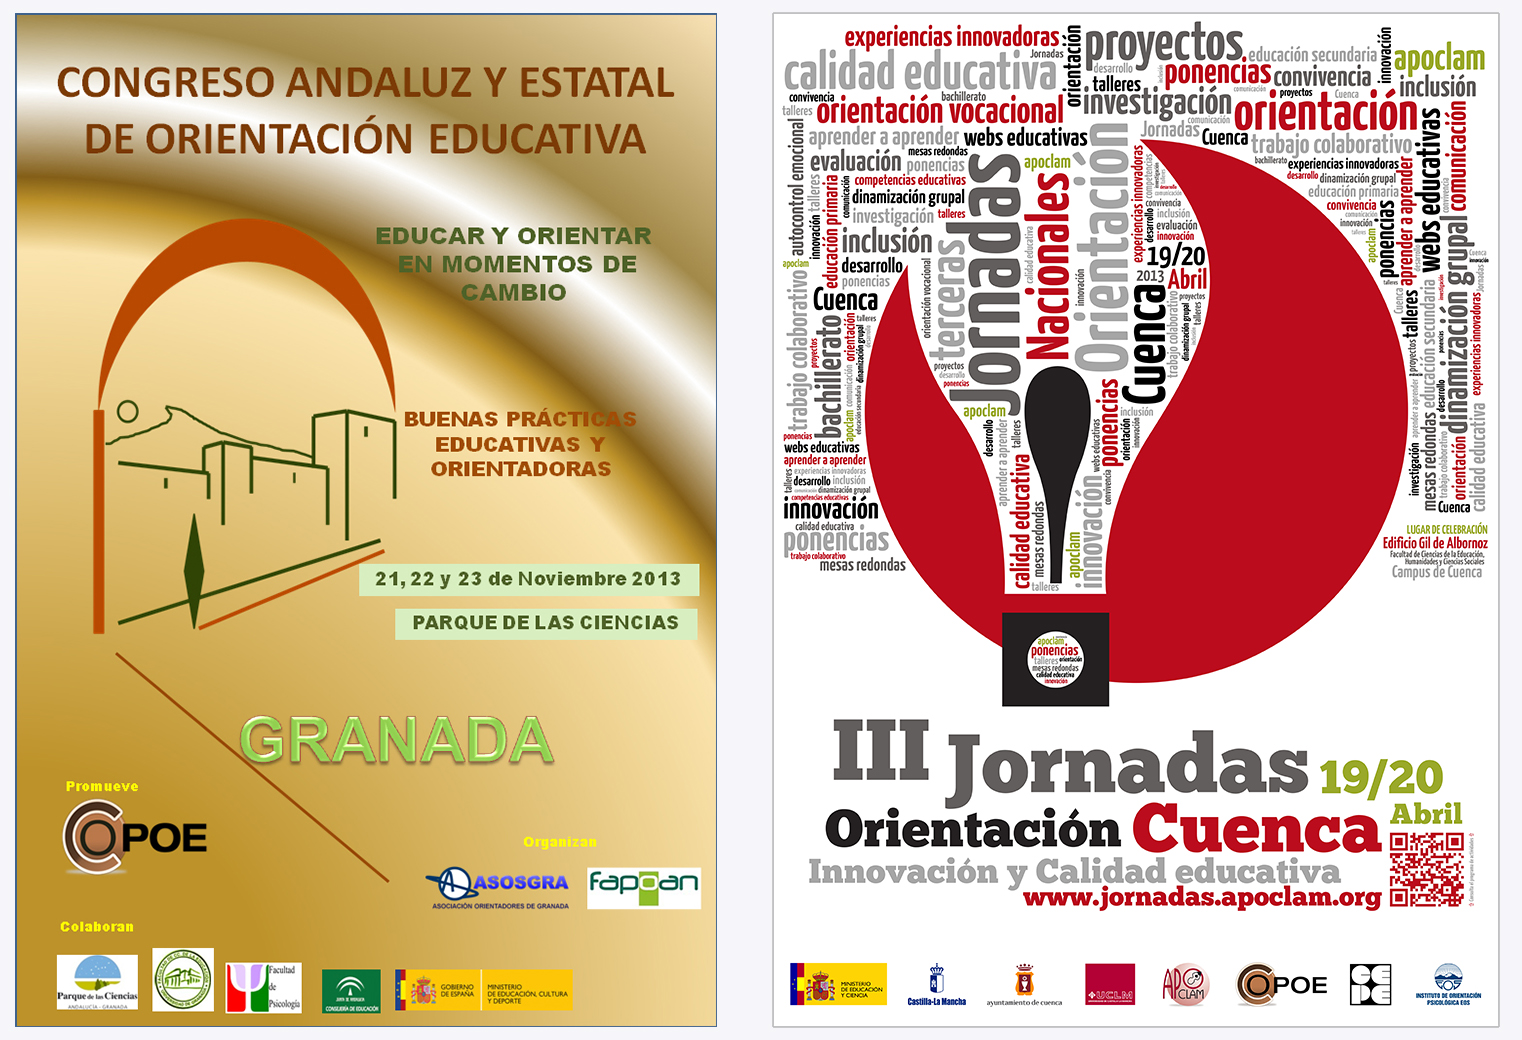 2013 Congreso Granada Jornadas Cuenca